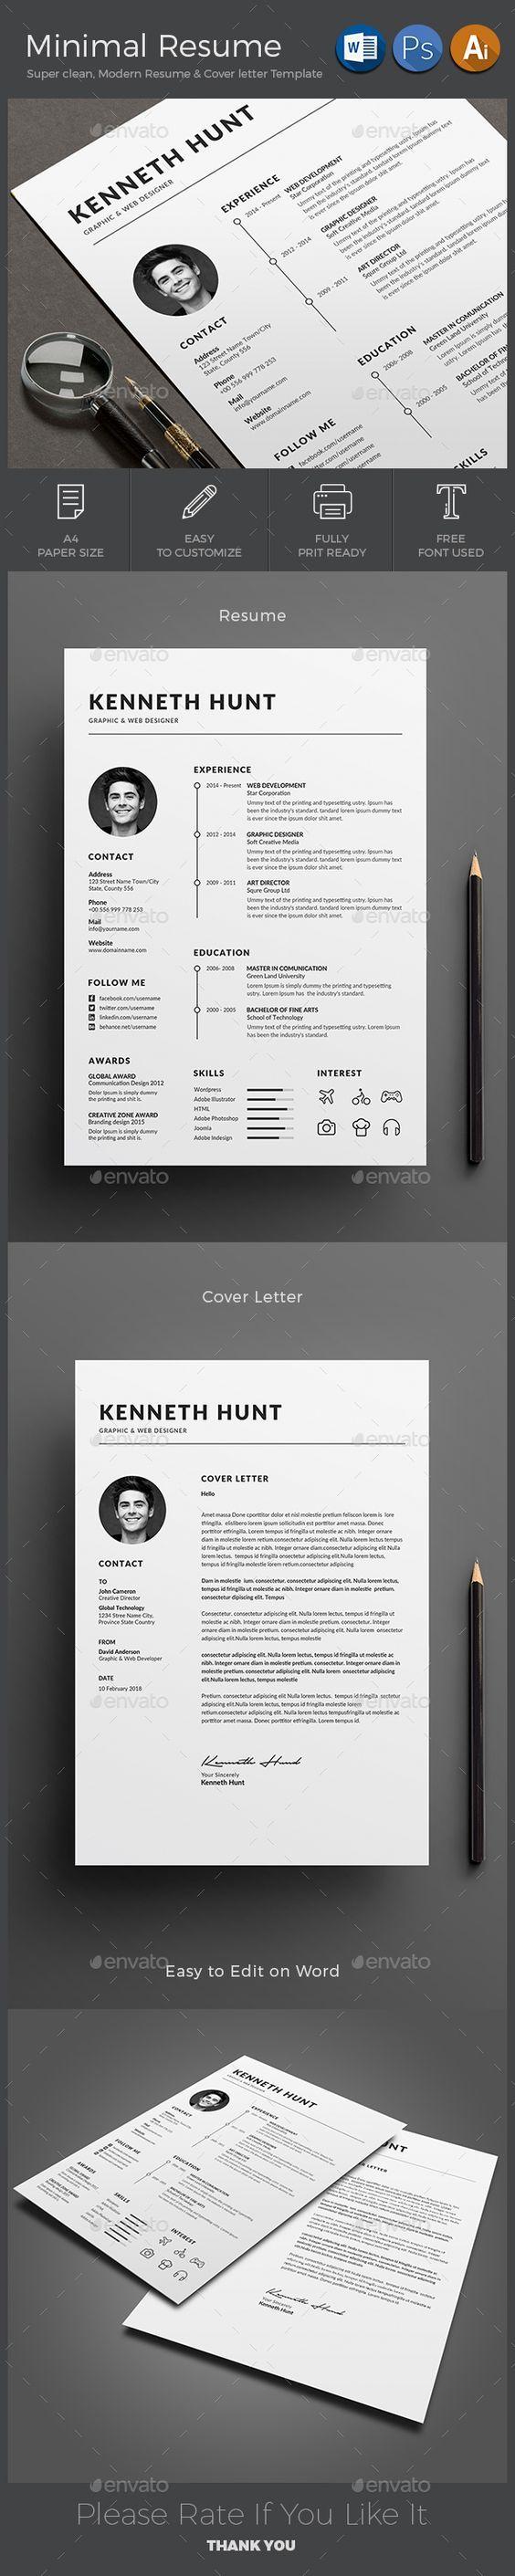 Pin de Aanygraphic en Cv+Resumes+Portfolio | Pinterest | Plantillas ...